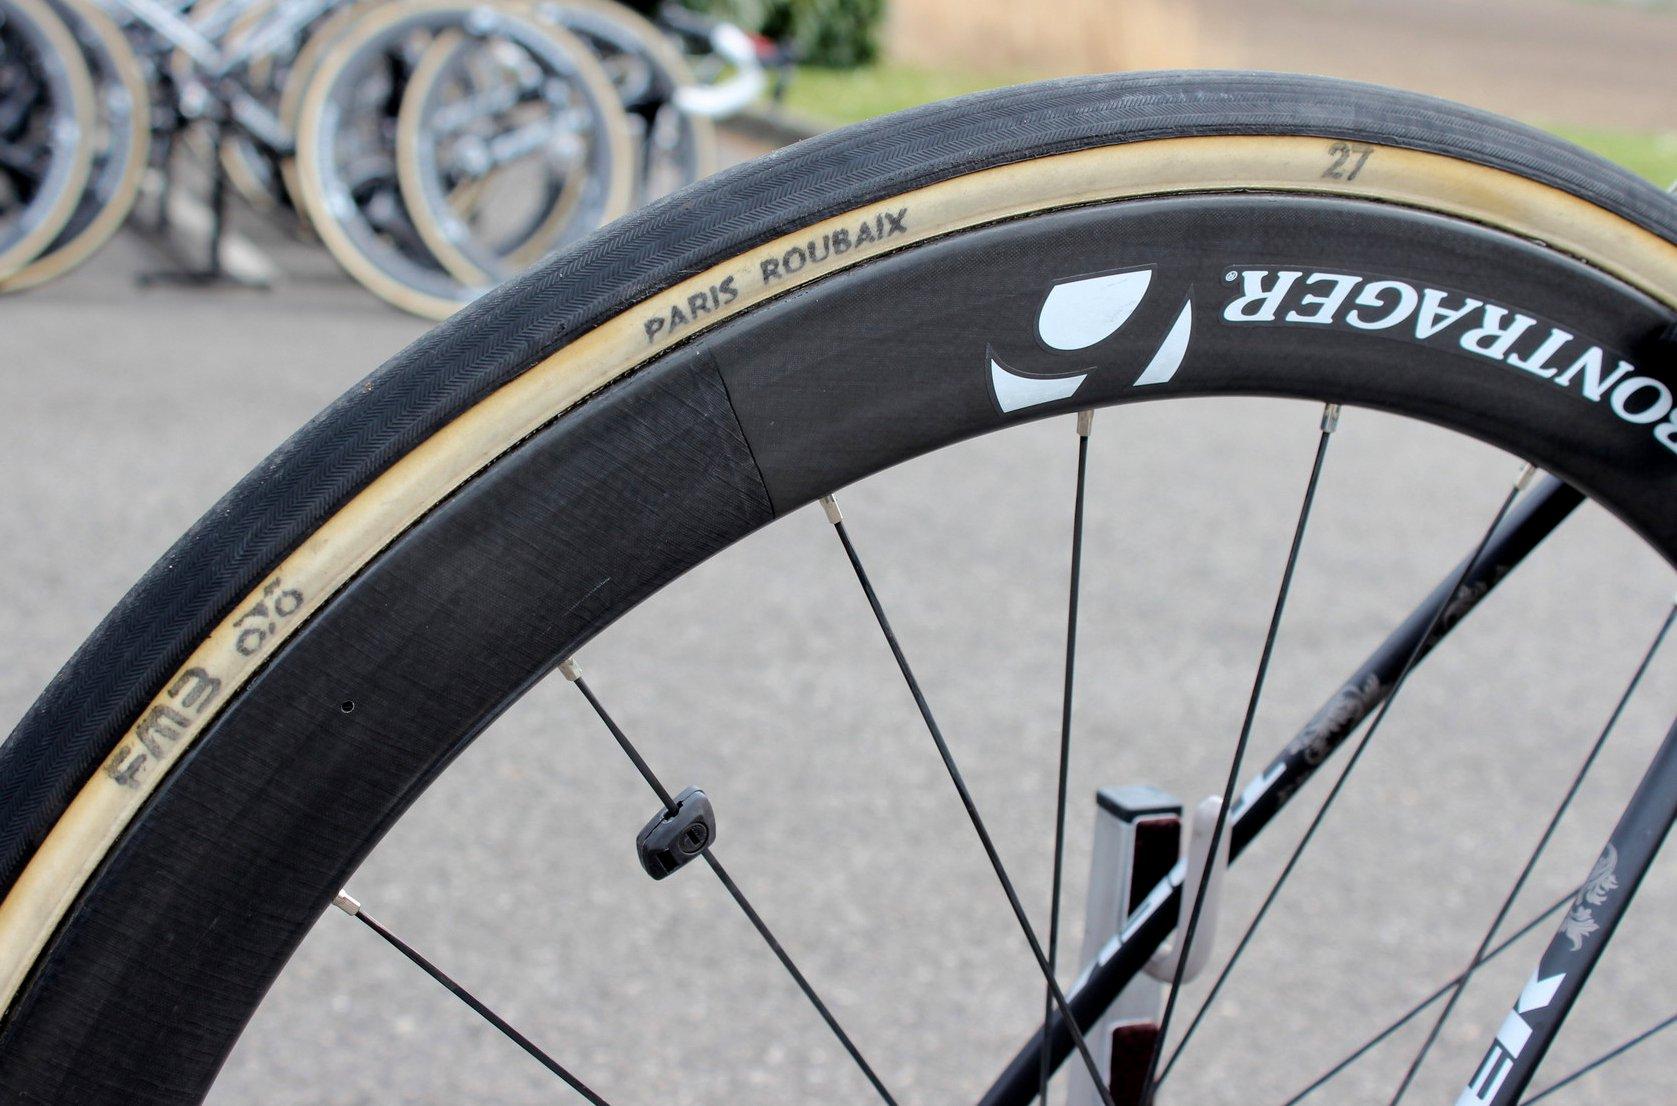 Der 27mm Paris-Roubaix-Reifen ist im Peloton weit verbreitet, wenn es um die Klassiker geht.